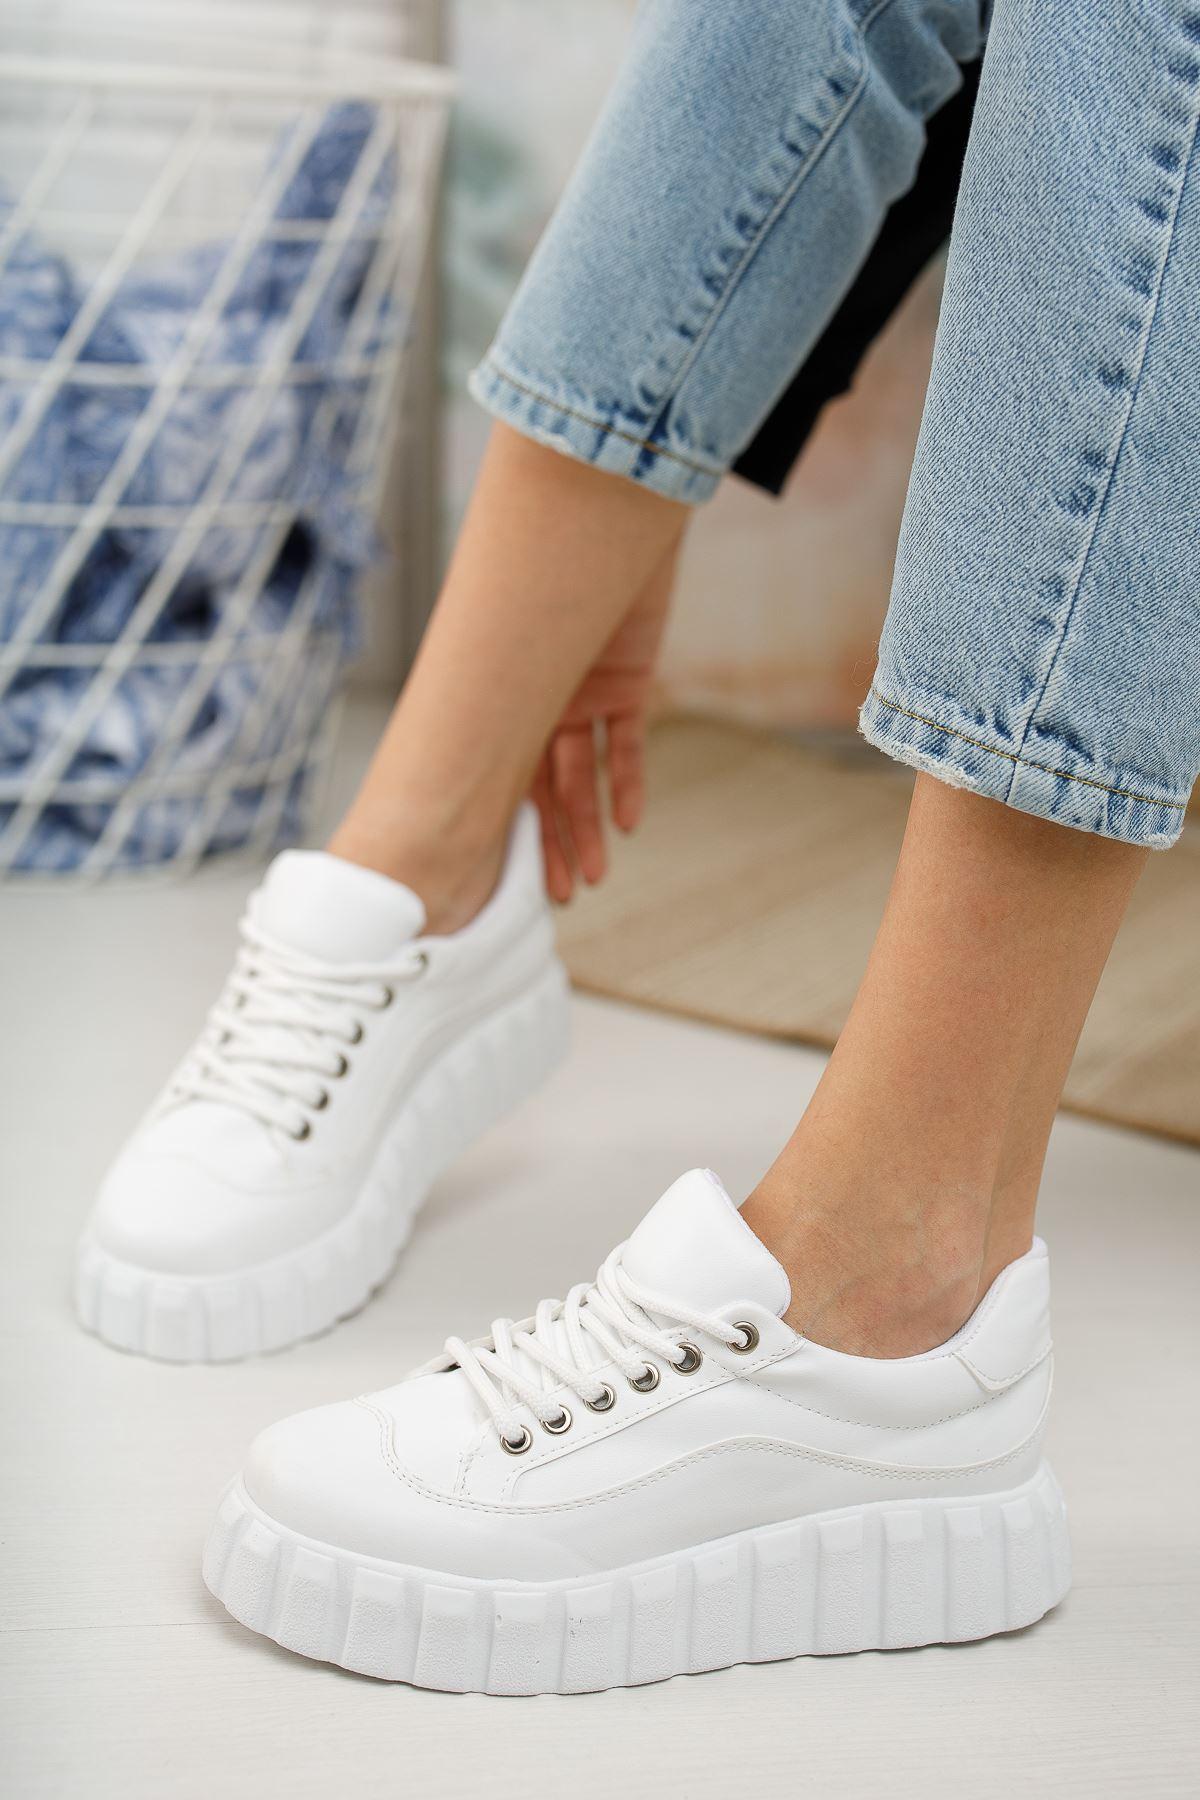 Kadın İgnes Kalın Taban Bağcıklı  Düz Beyaz Spor Ayakkabı